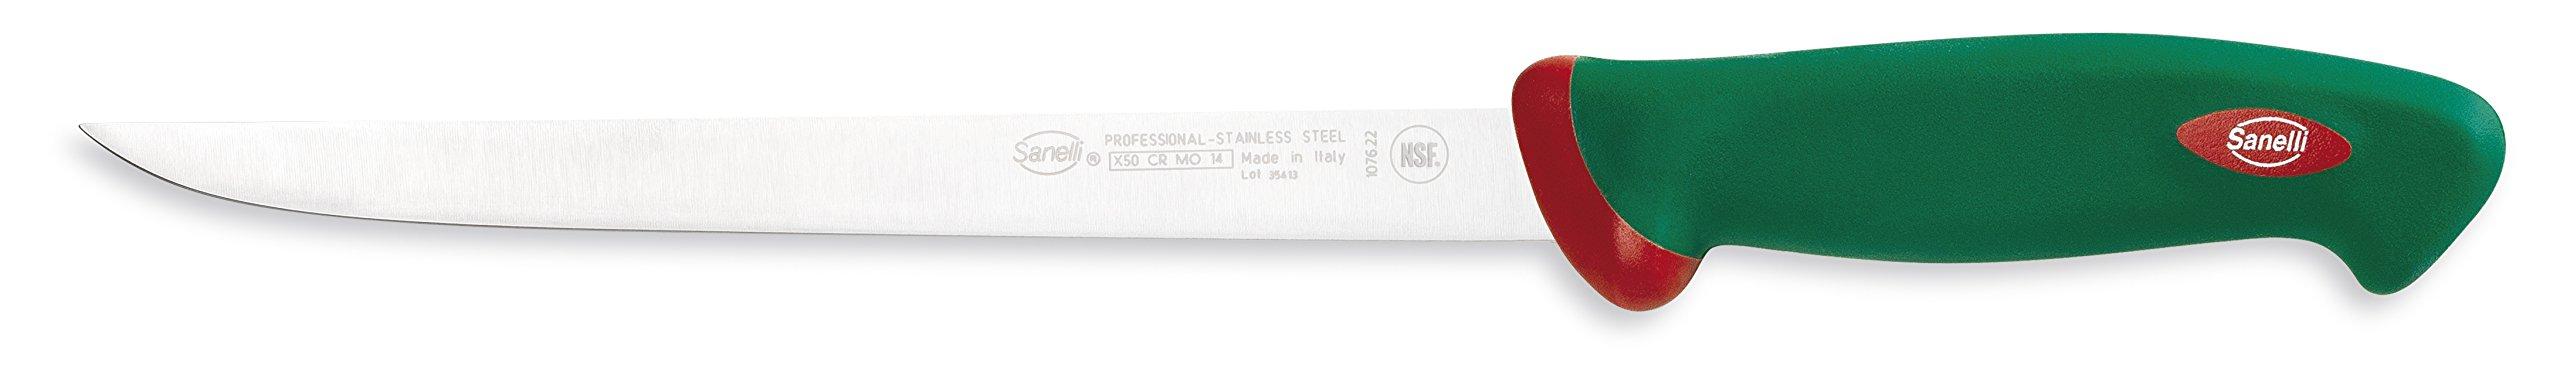 Sanelli Premana Professional Fillet Knife, 22cm/8.66'', Green by Sanelli